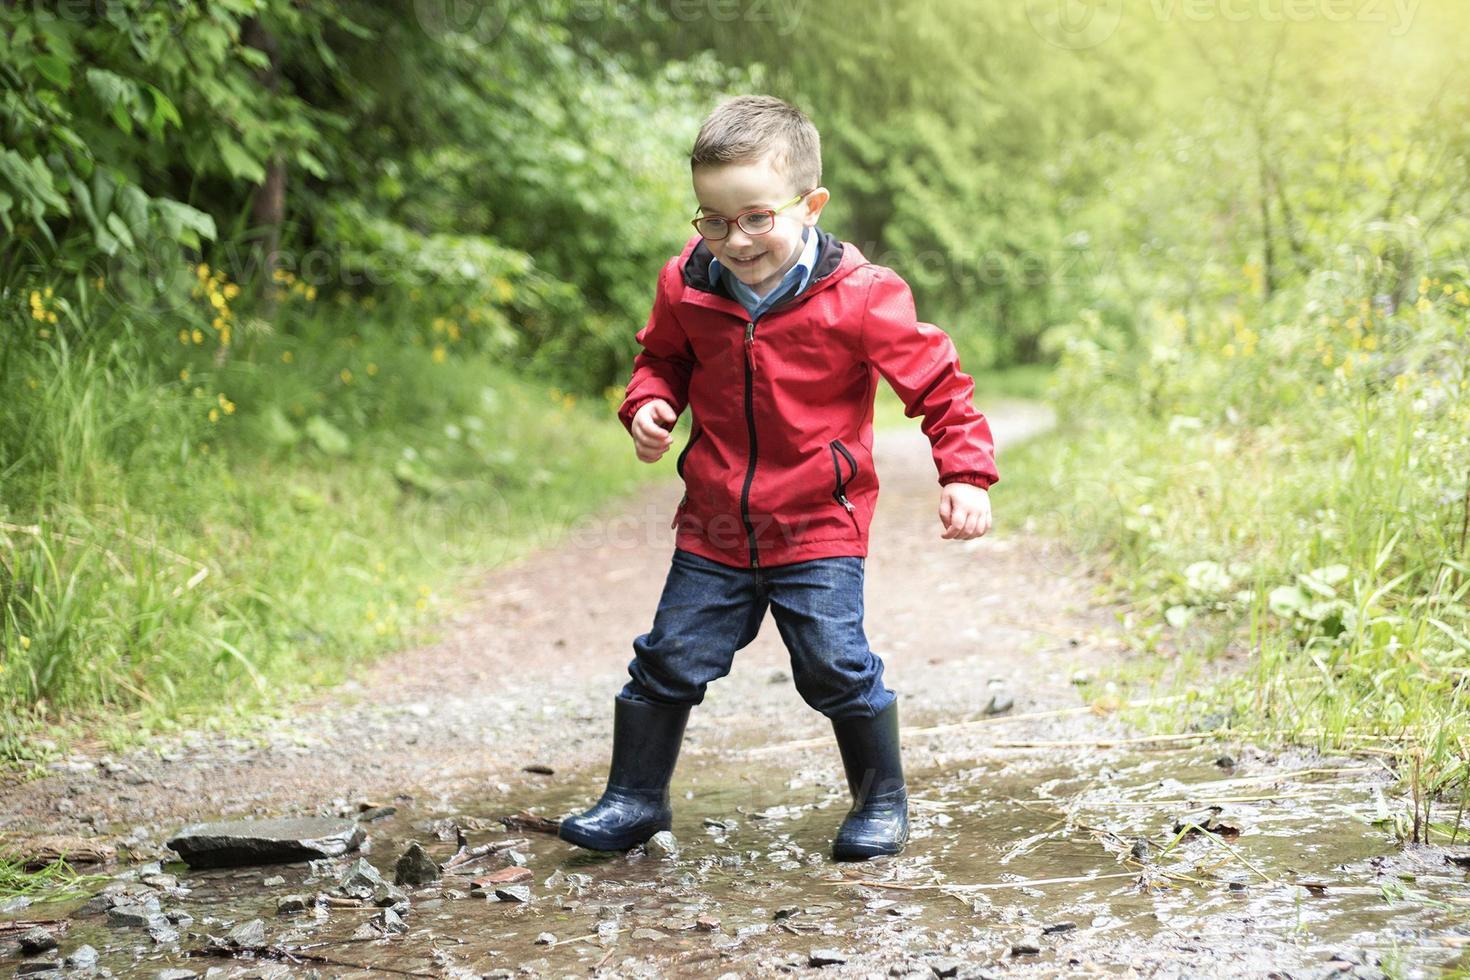 portrait de mignon petit garçon enfant à l'extérieur sur la nature photo